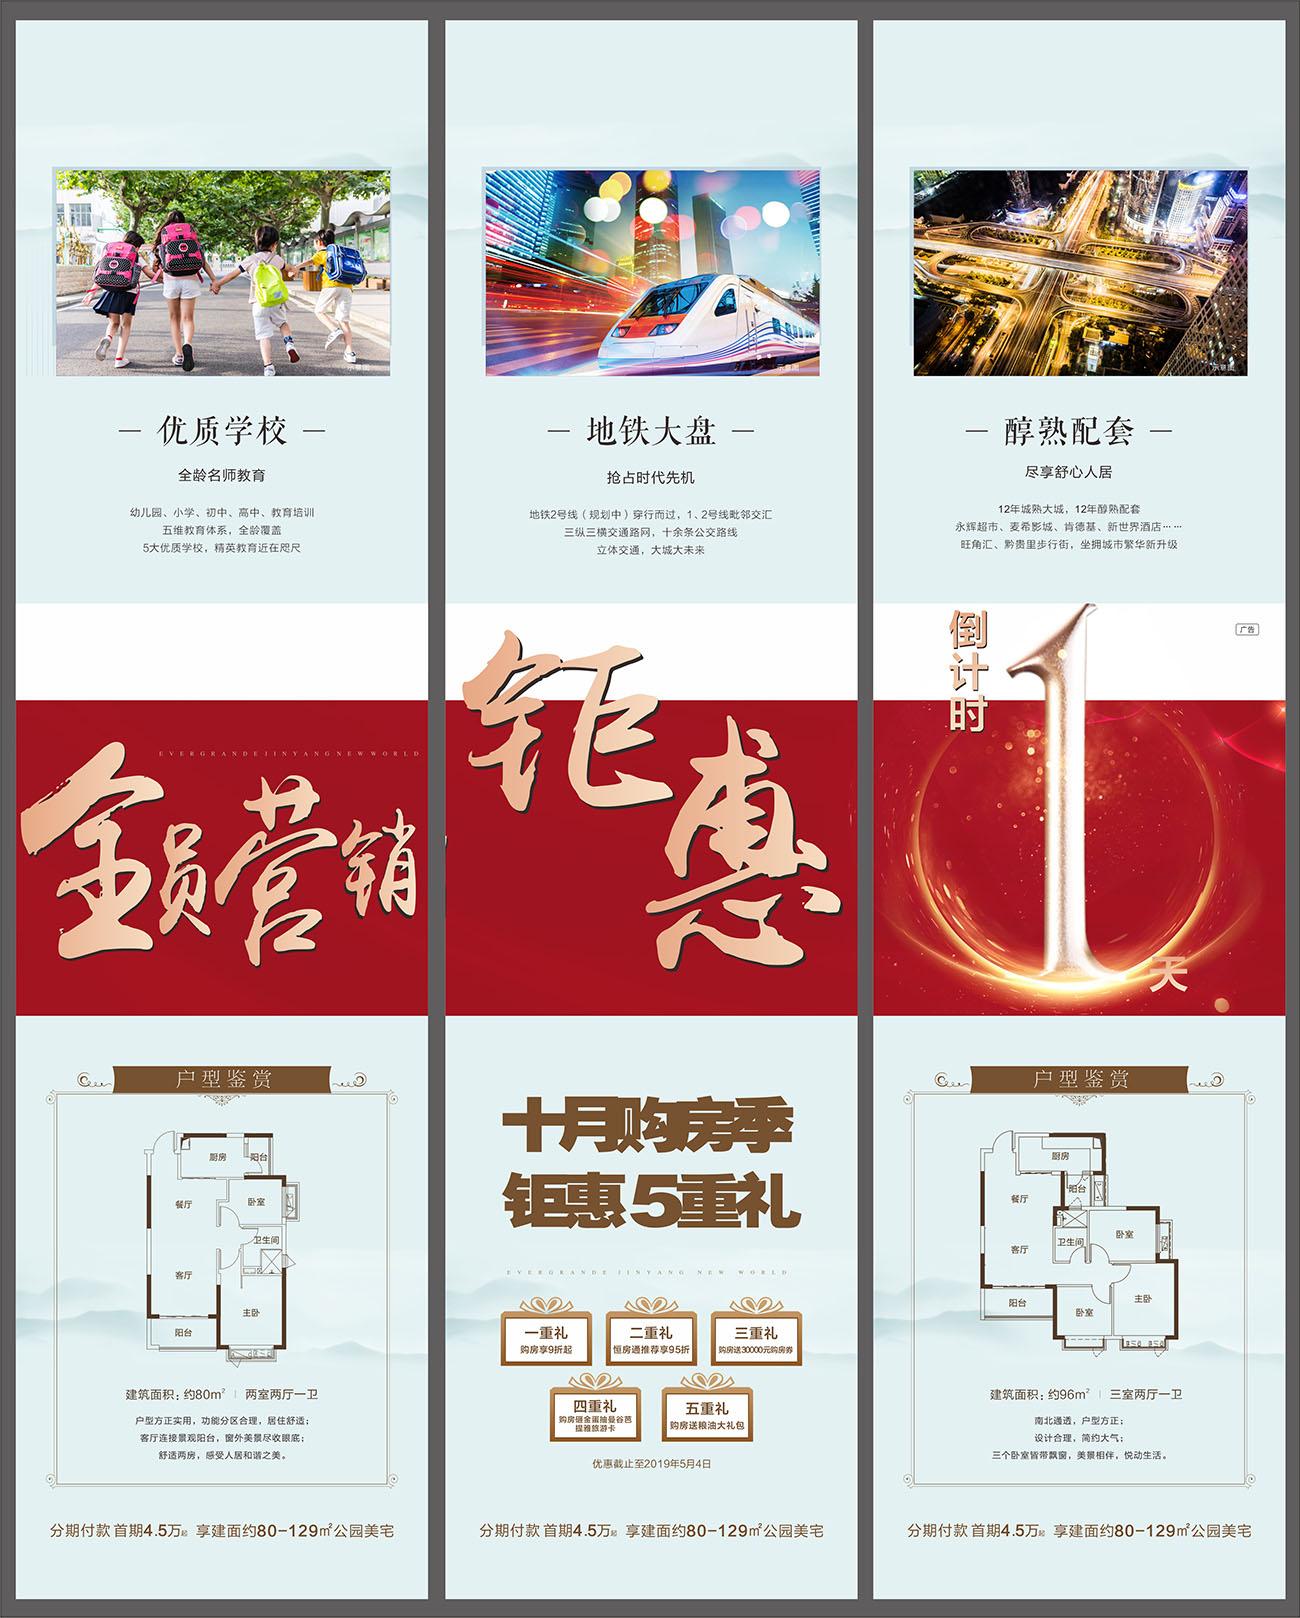 房地产学区房三宫格海报CDR源文件插图